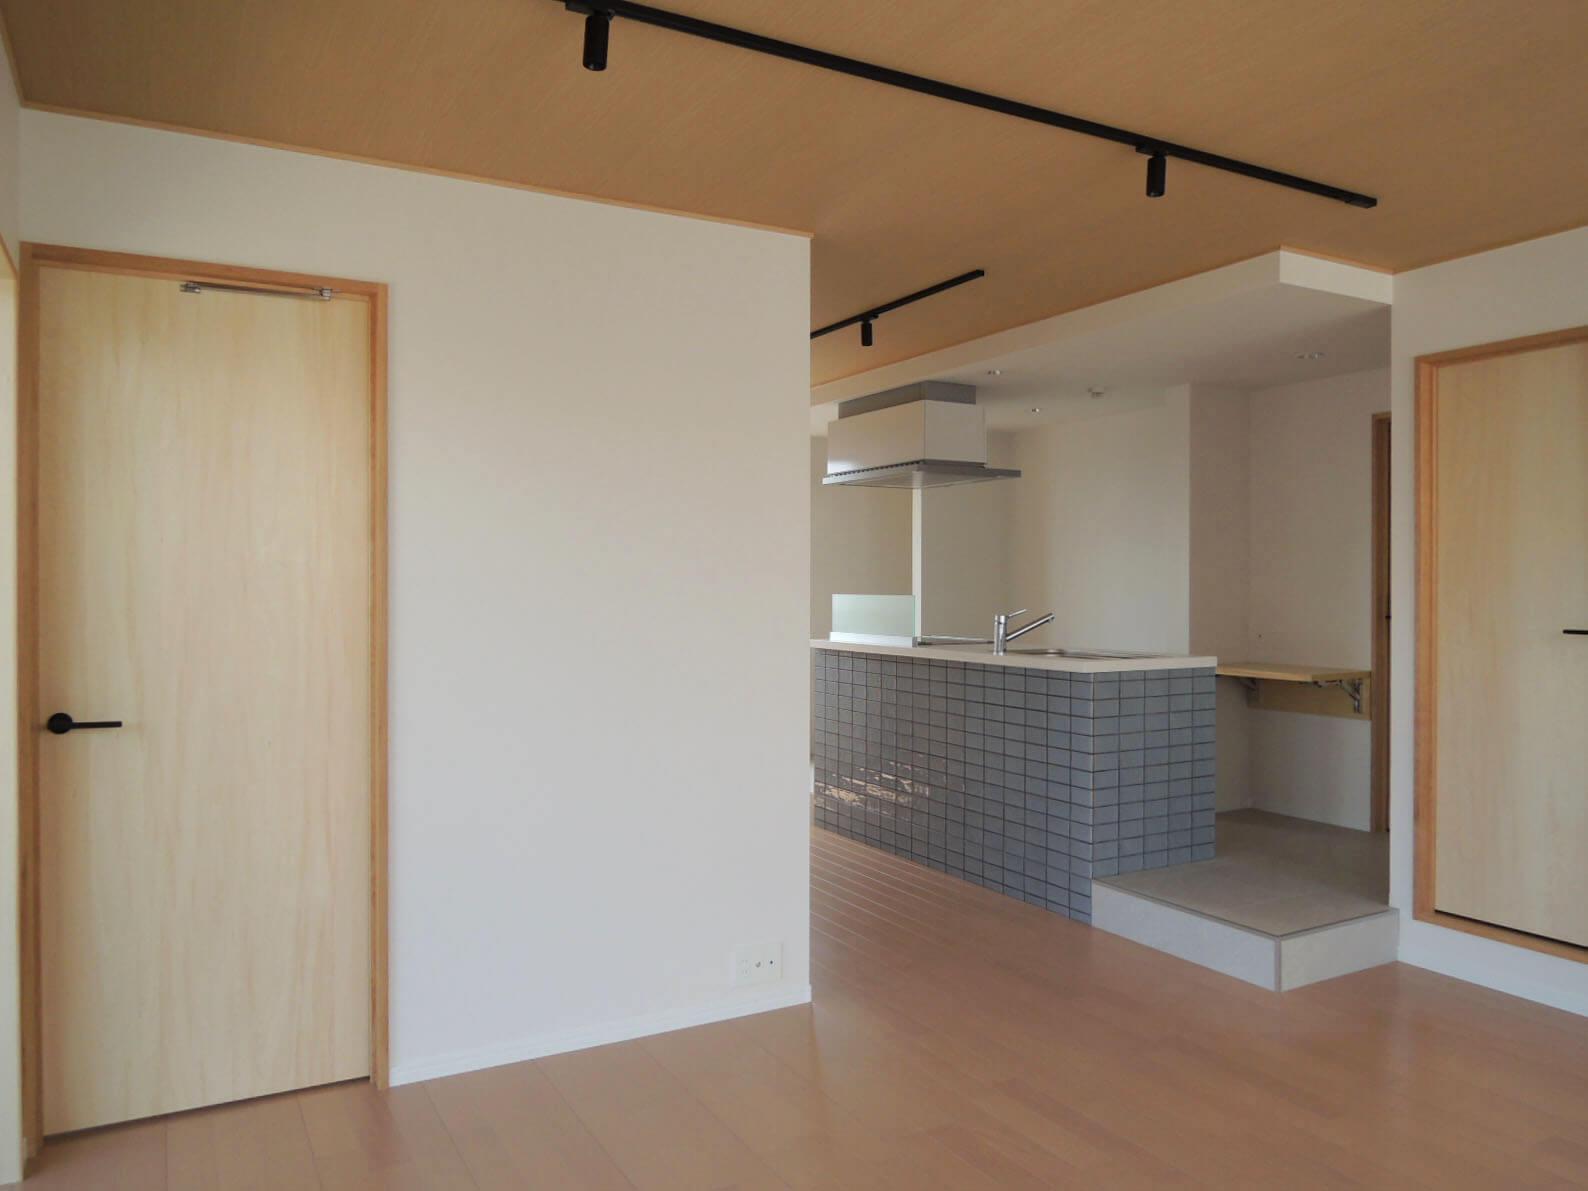 303: キッチンはコーナーに配置されていて